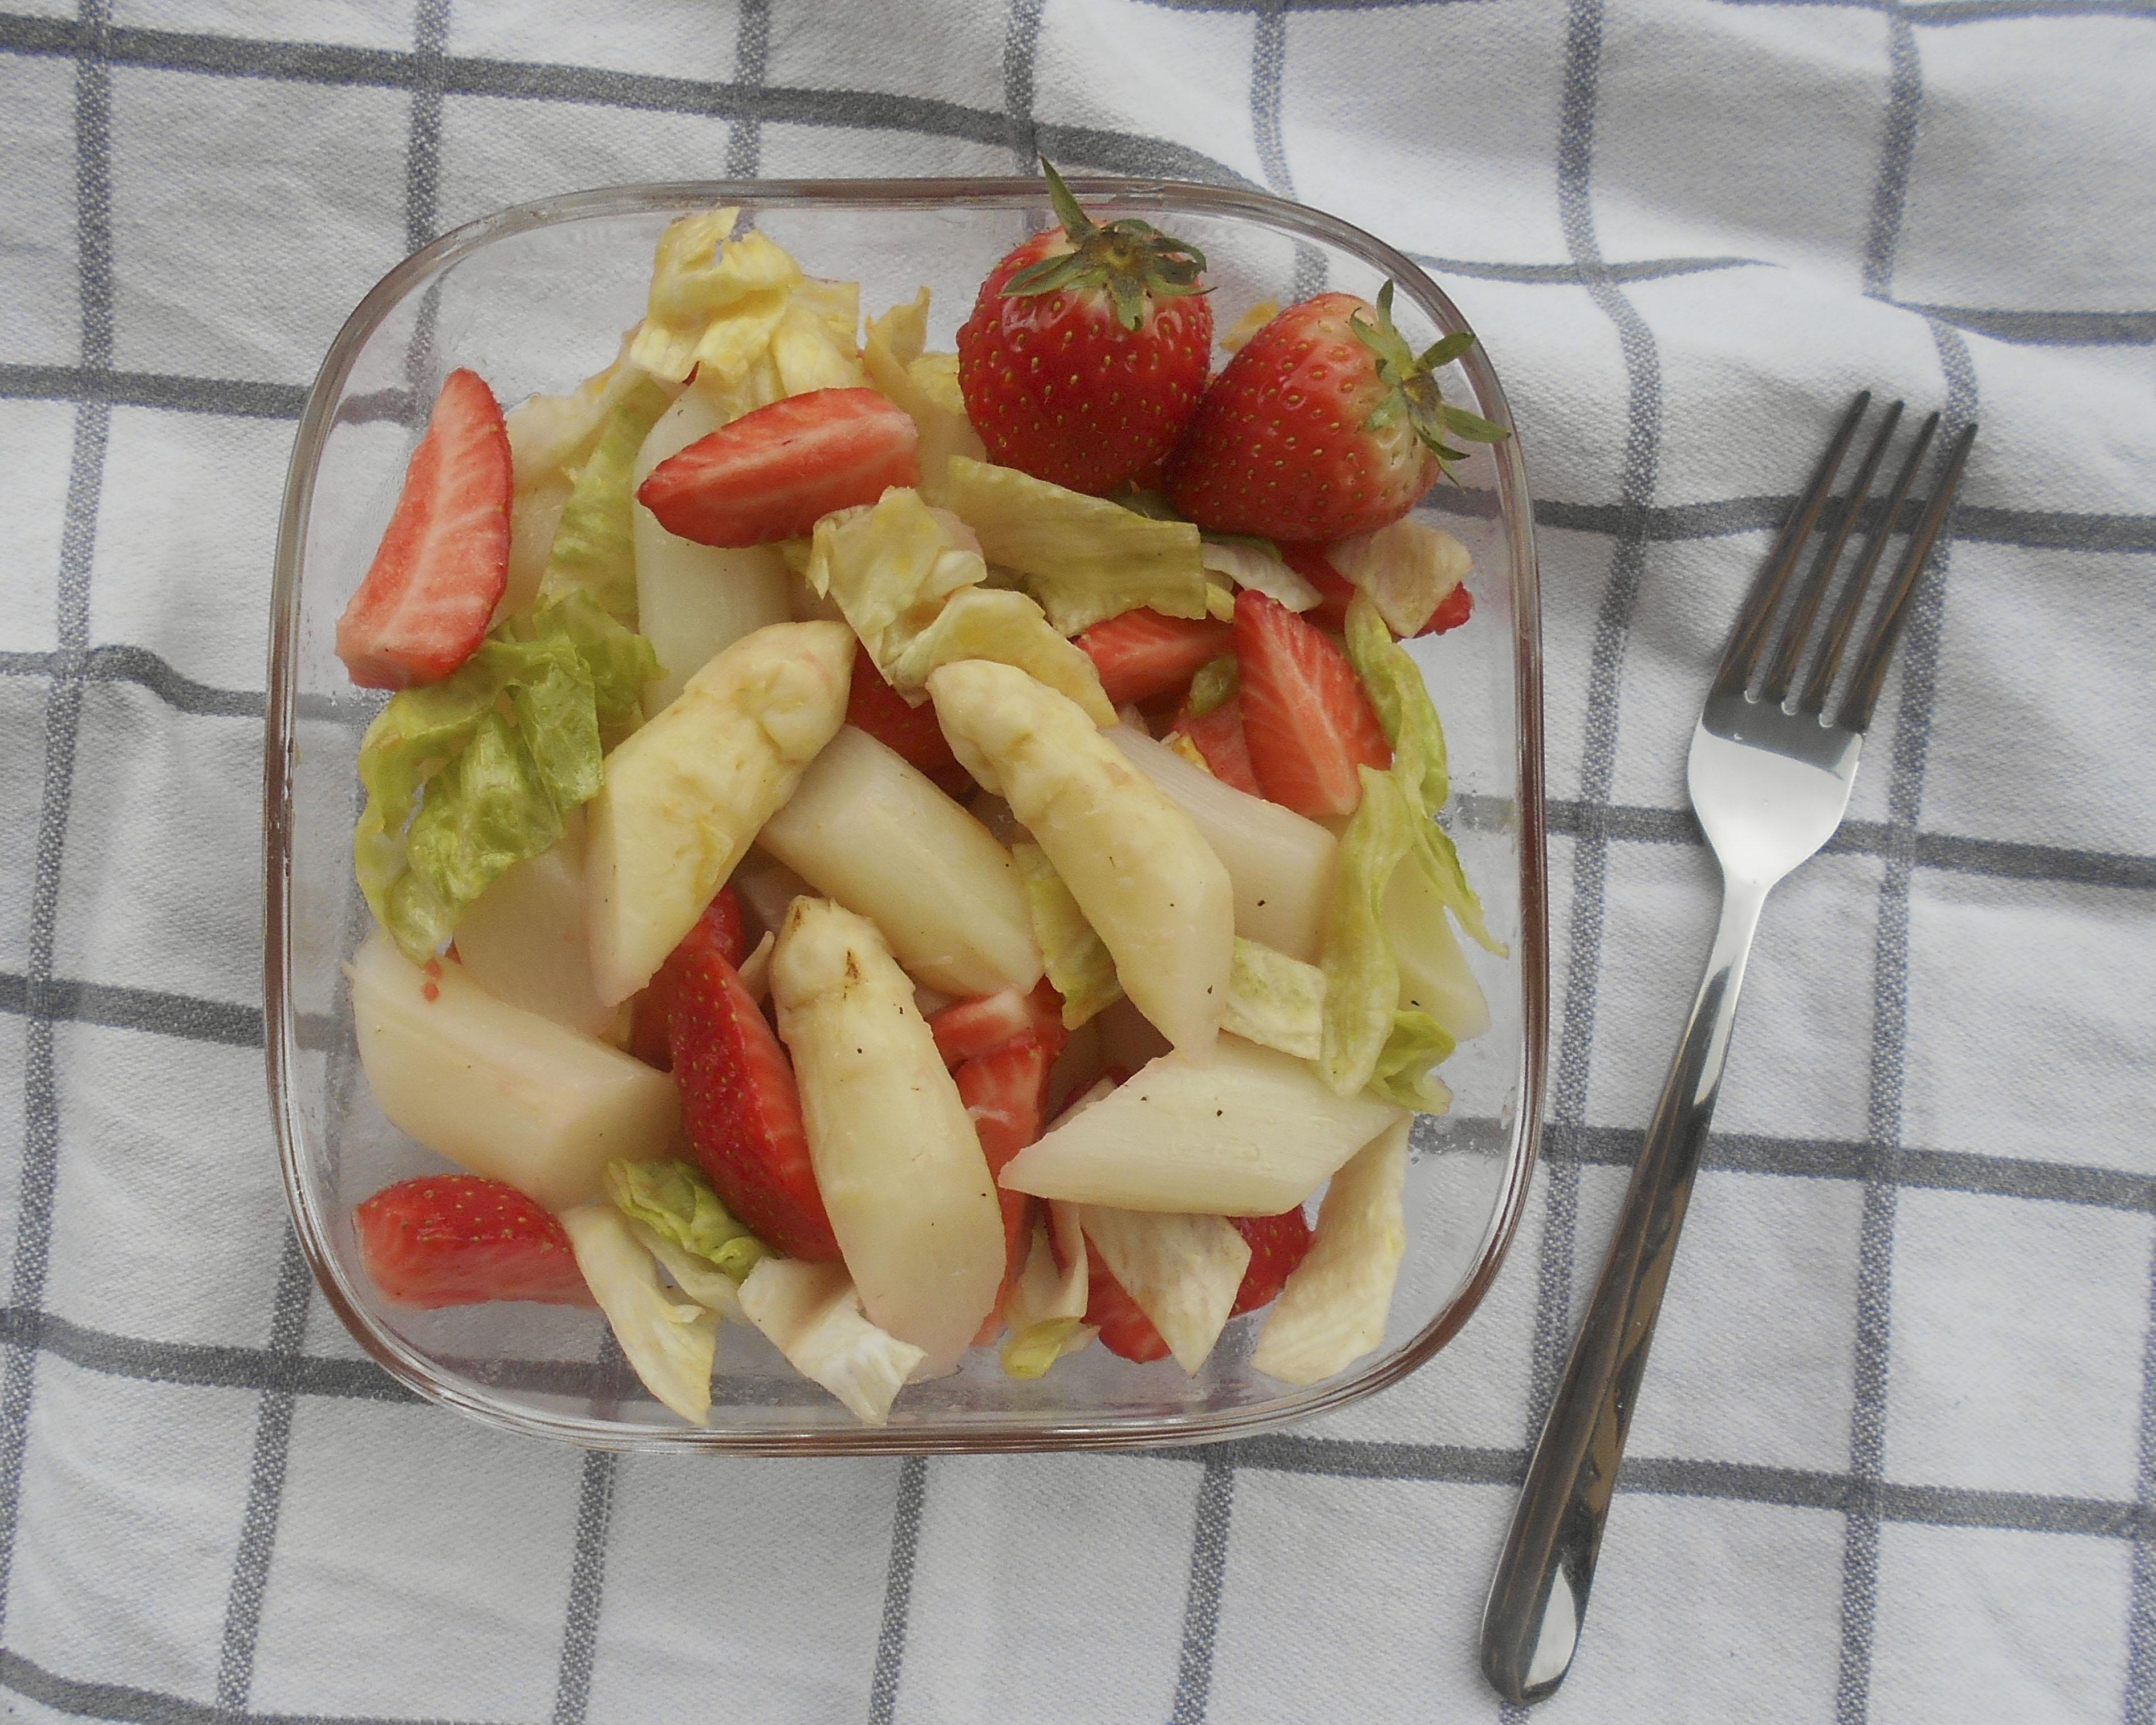 Spargel, Erdbeeren, Salat, Rezept, Carl Tode Göttingen